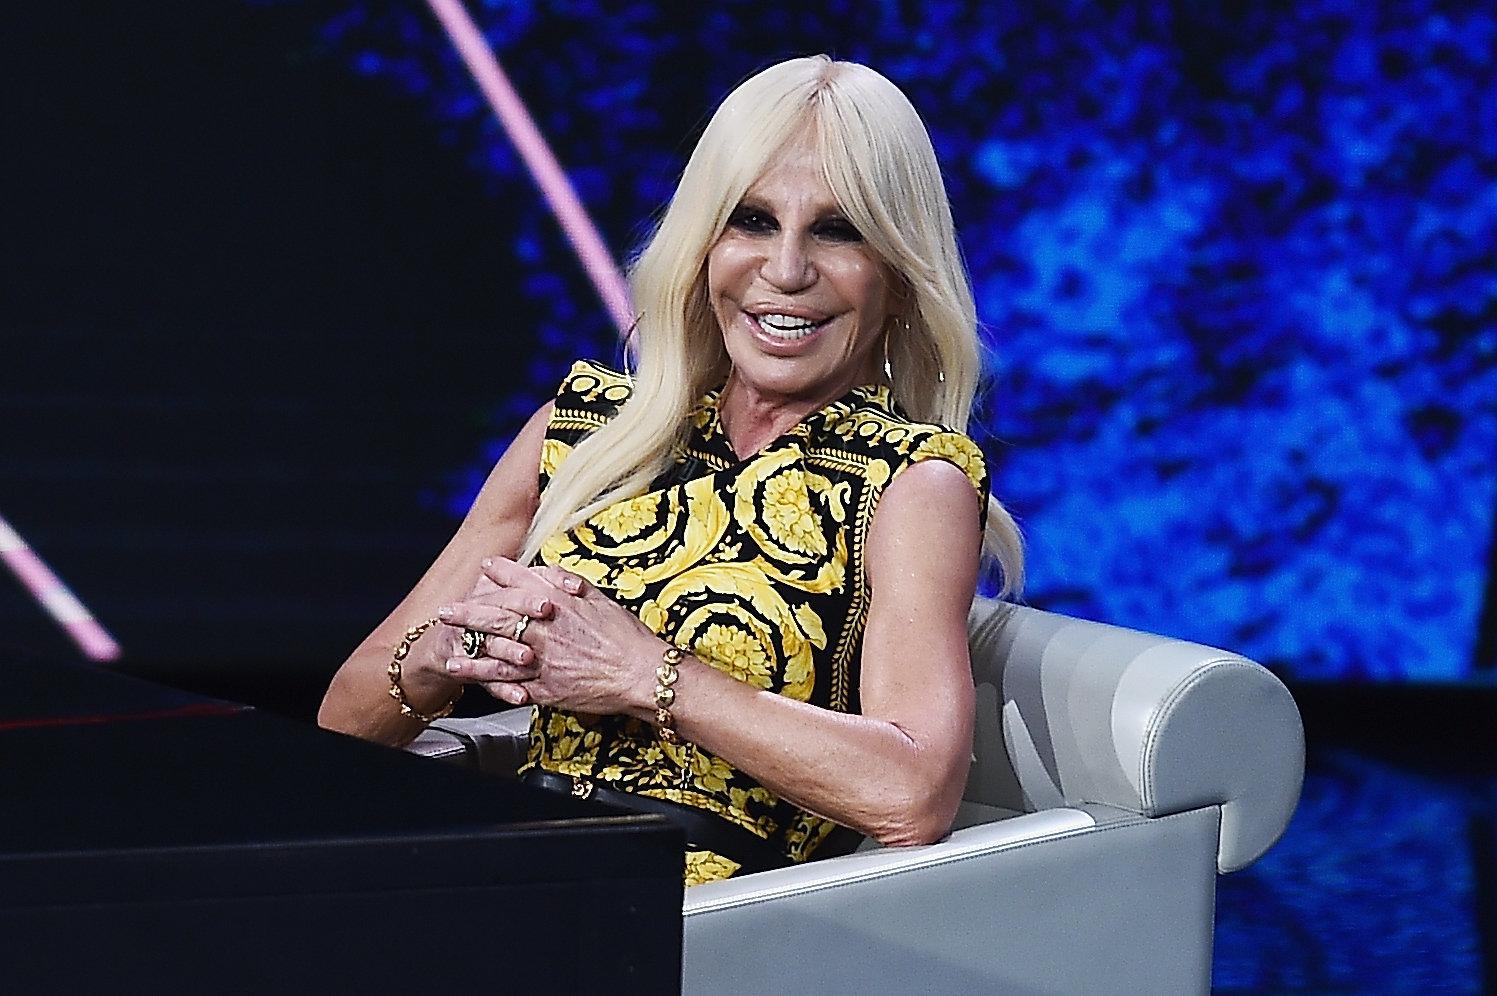 Ο οίκος Versace καταργεί τη χρήση της γούνας. Κάποιοι, όμως, δεν πείθονται για τις προθέσεις